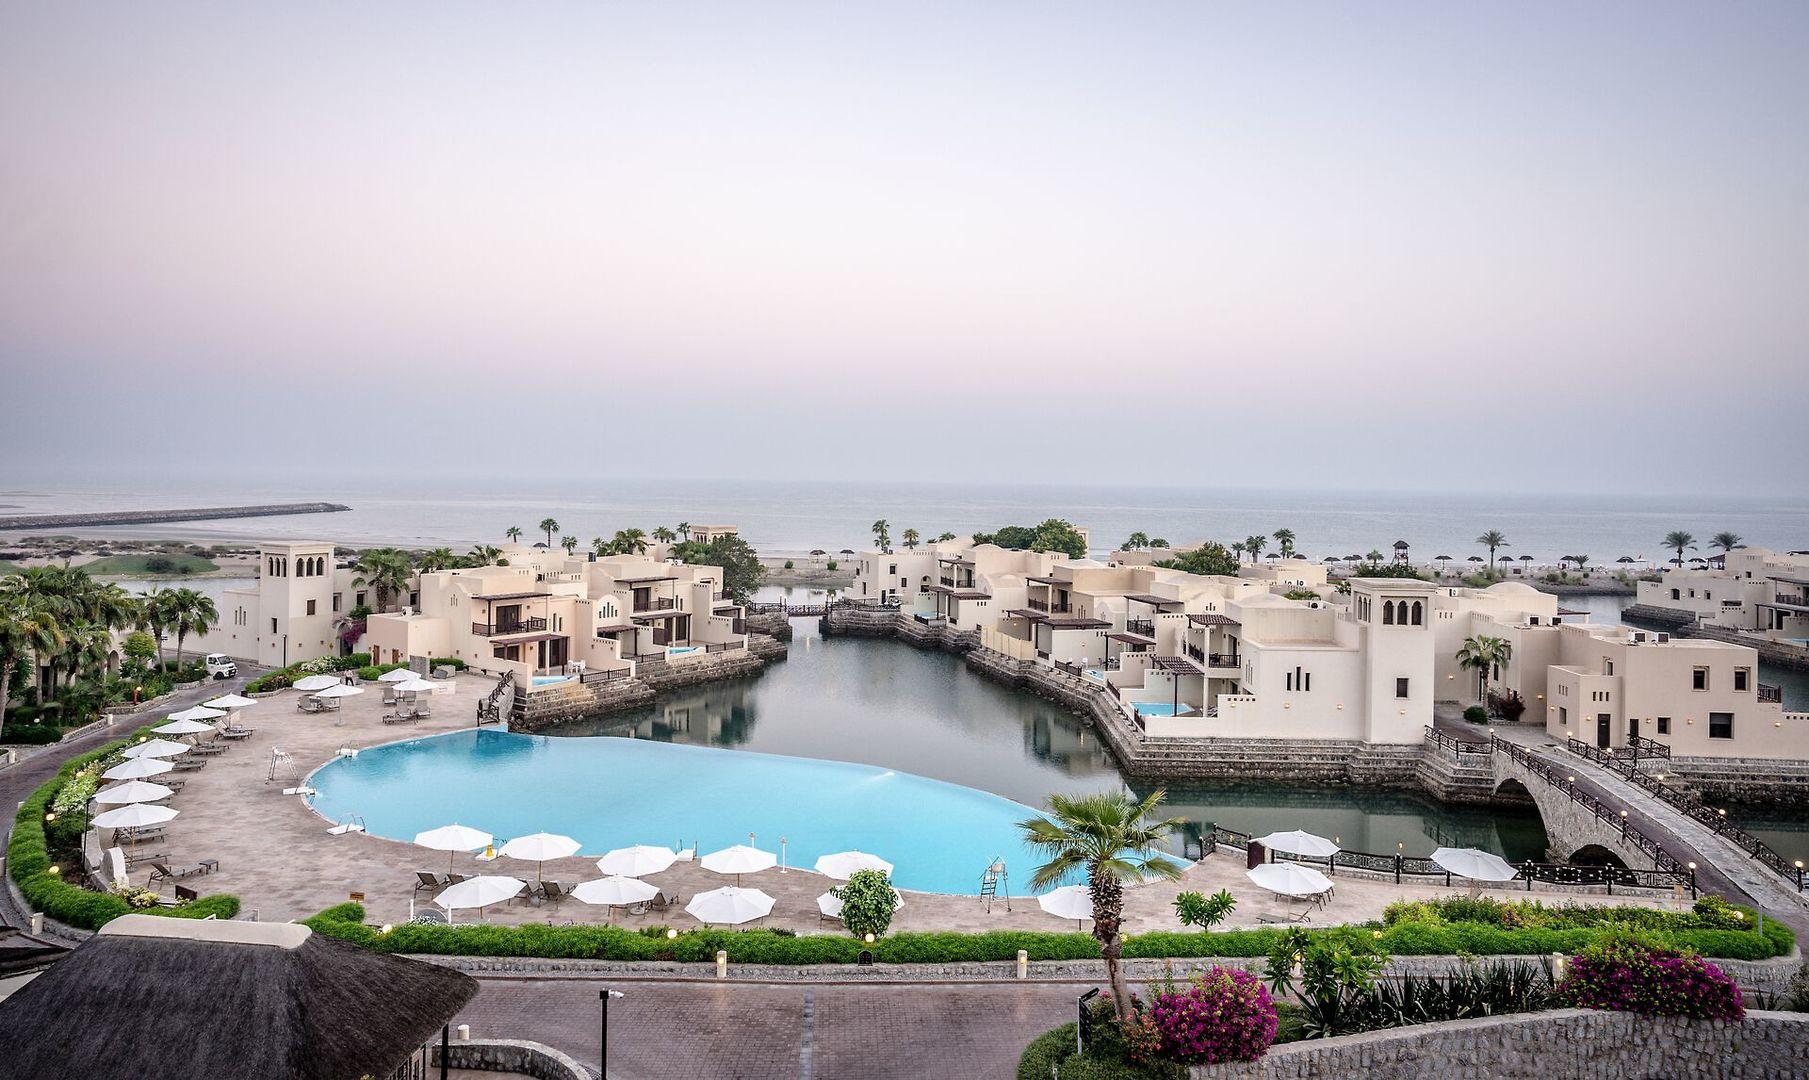 The Cove Rotana Resort Ras Al Khaimah